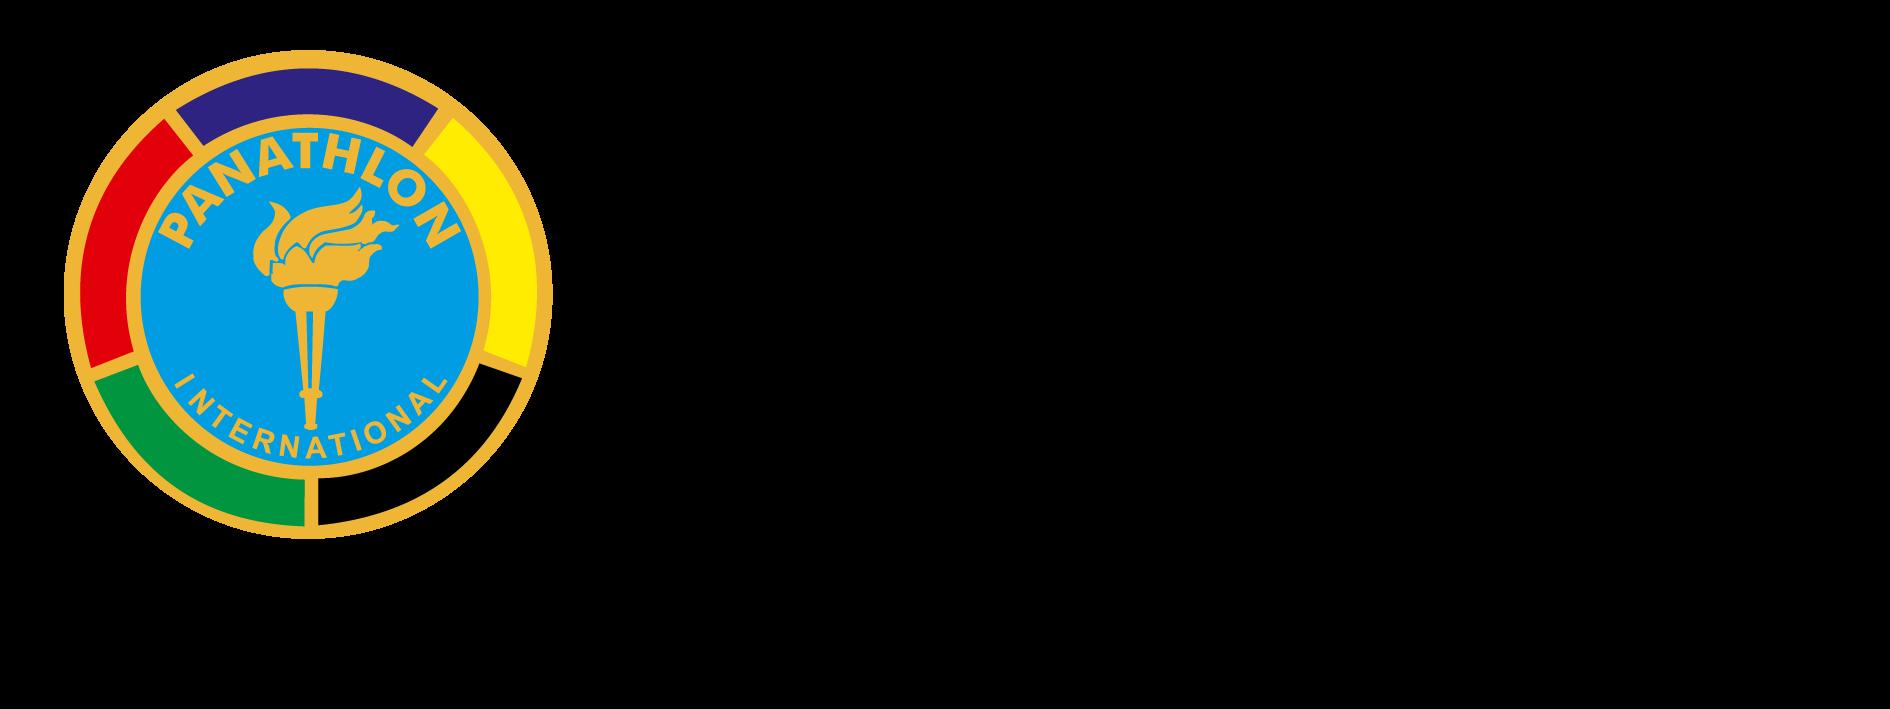 Panathlon Club Chablais